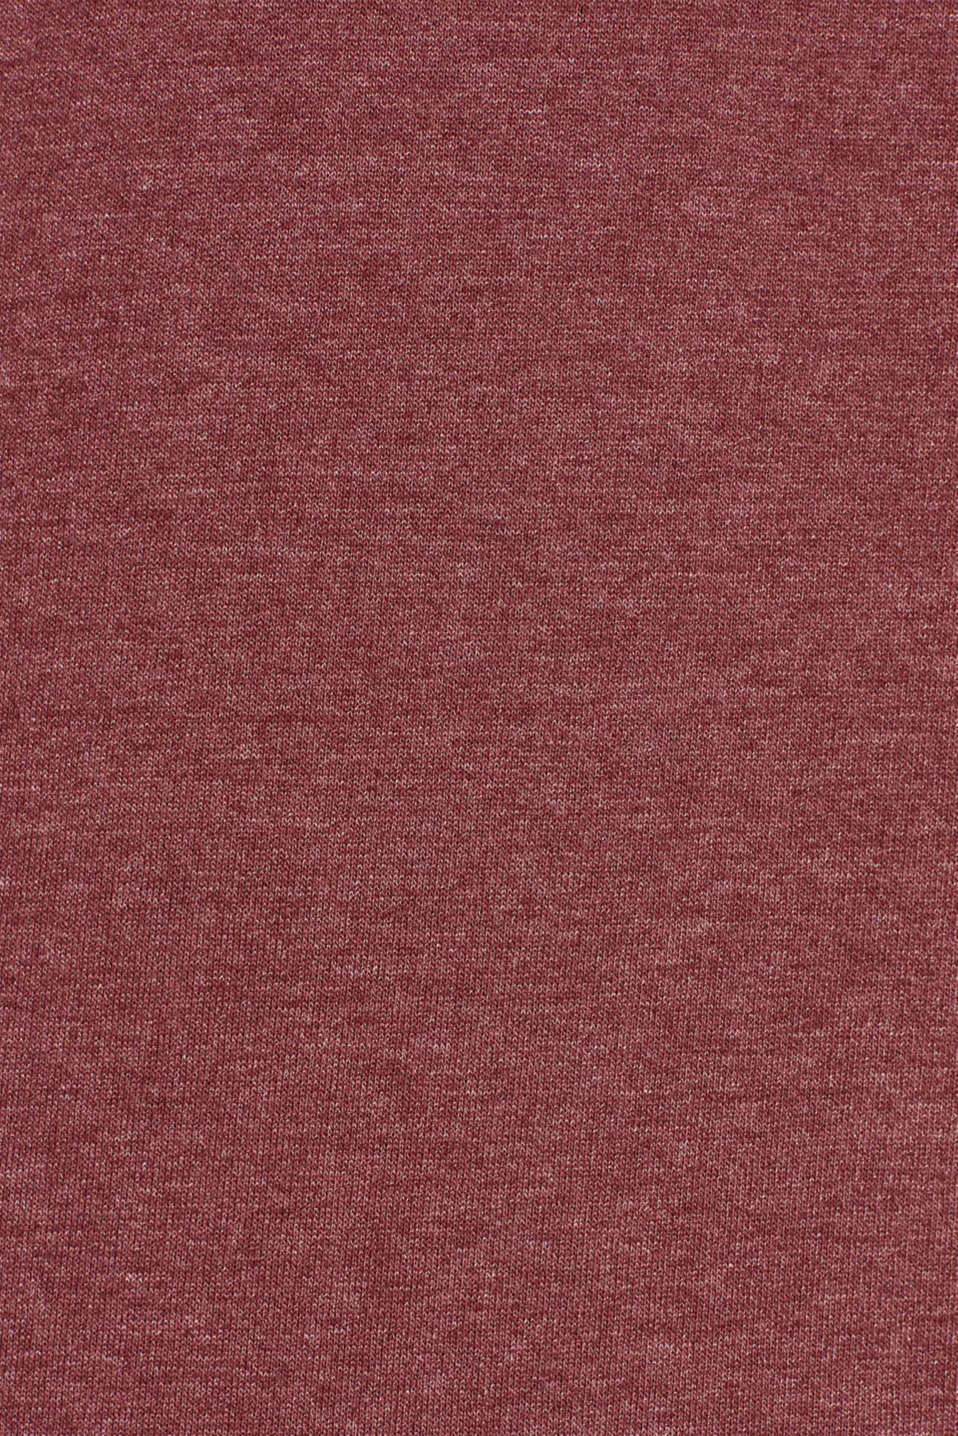 Sweatshirt with logo, 100% cotton, BLUSH, detail image number 4